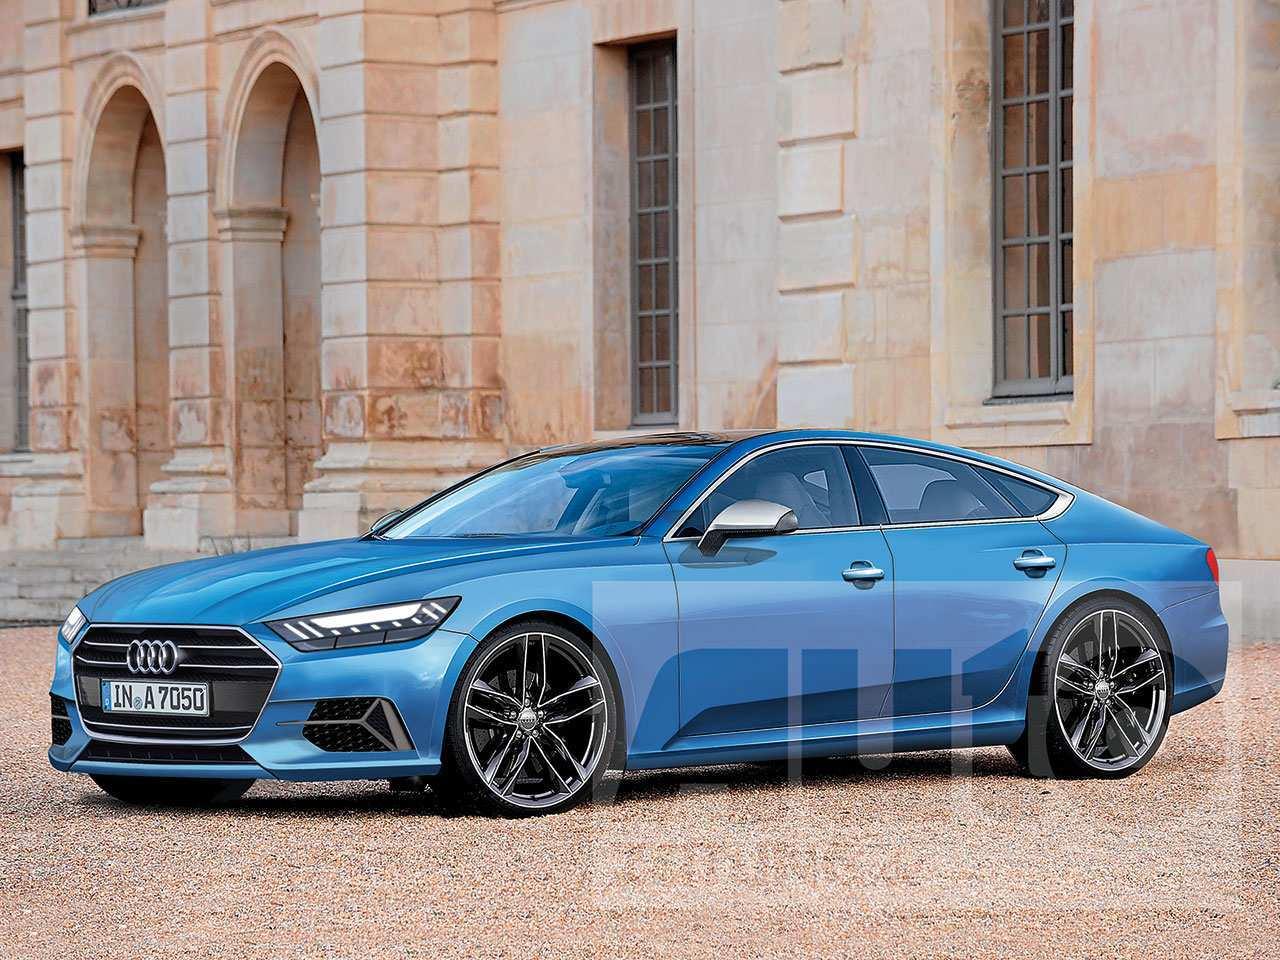 40 The Audi Neuheiten Bis 2020 Pictures by Audi Neuheiten Bis 2020